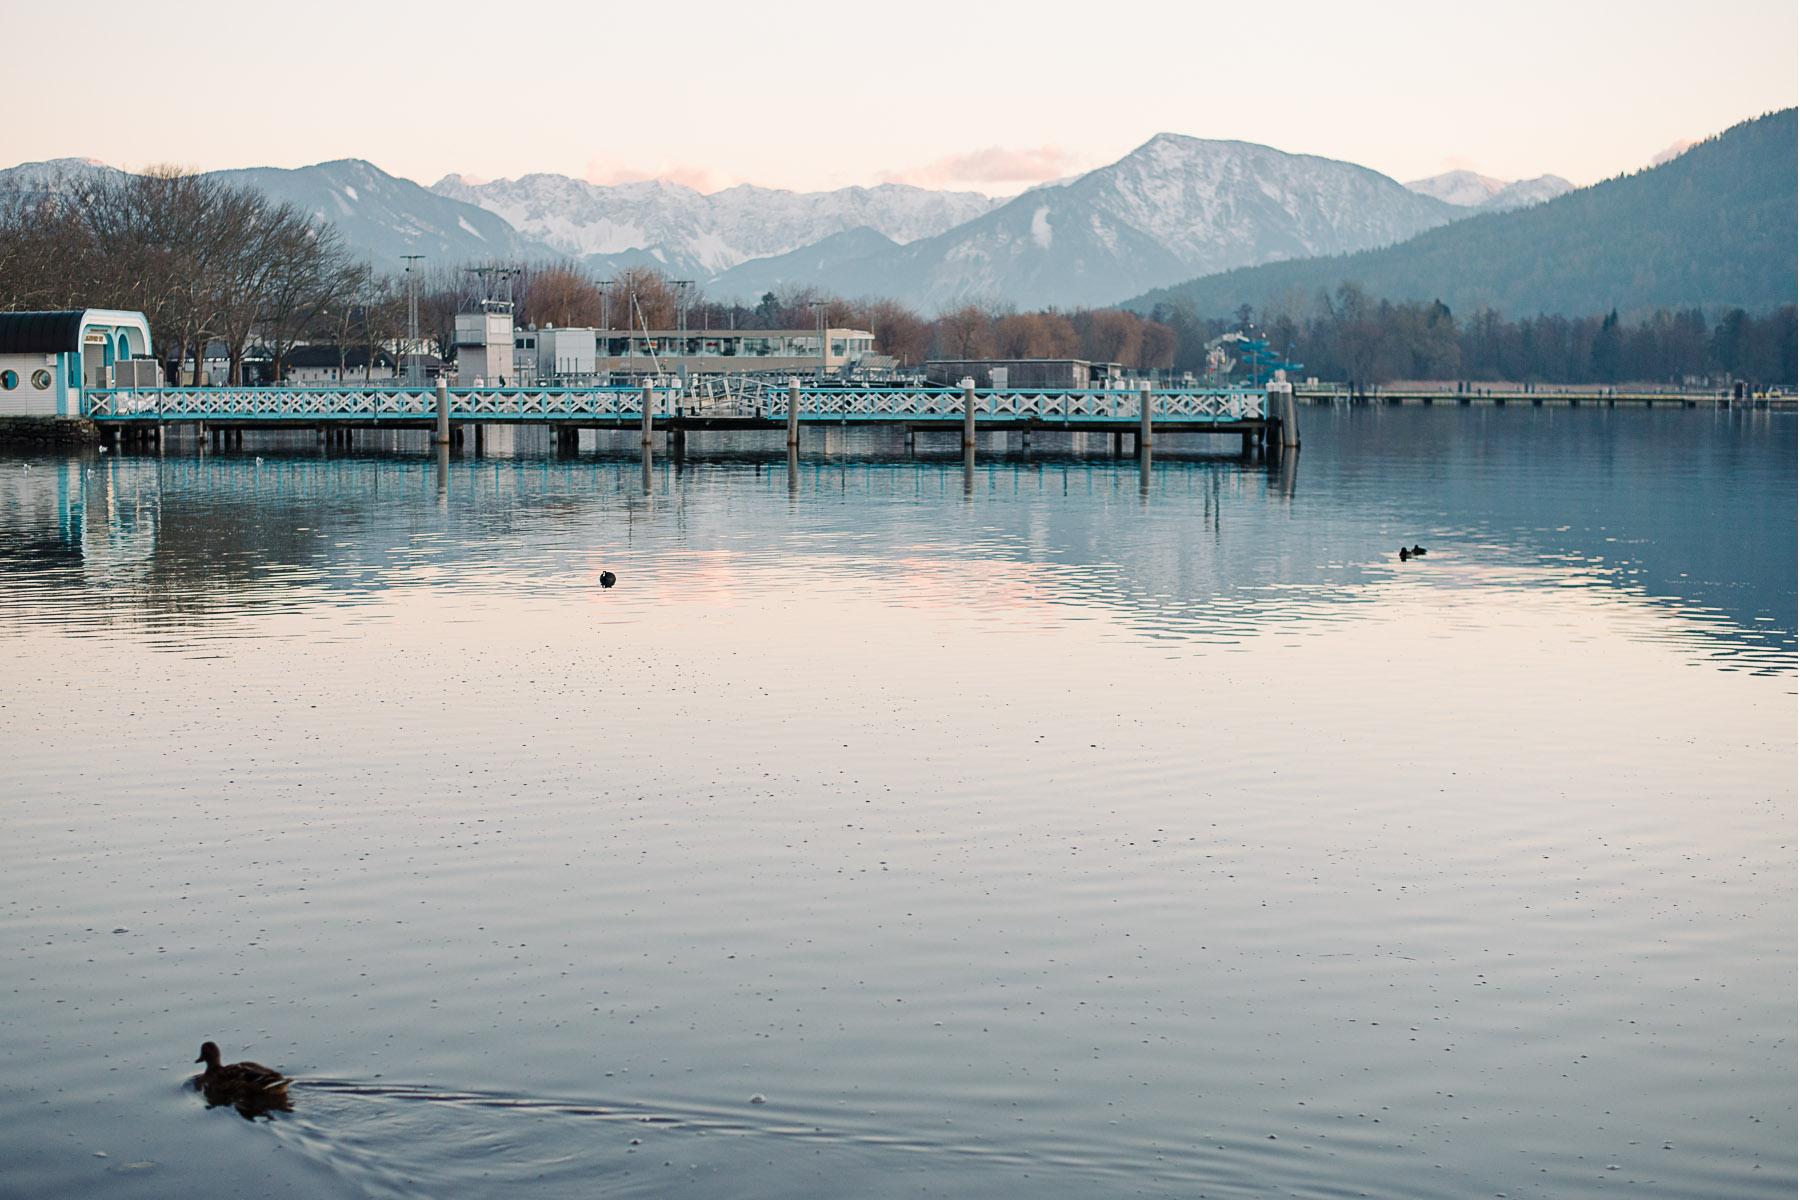 Lake Worthersee Klagenfurt Austria